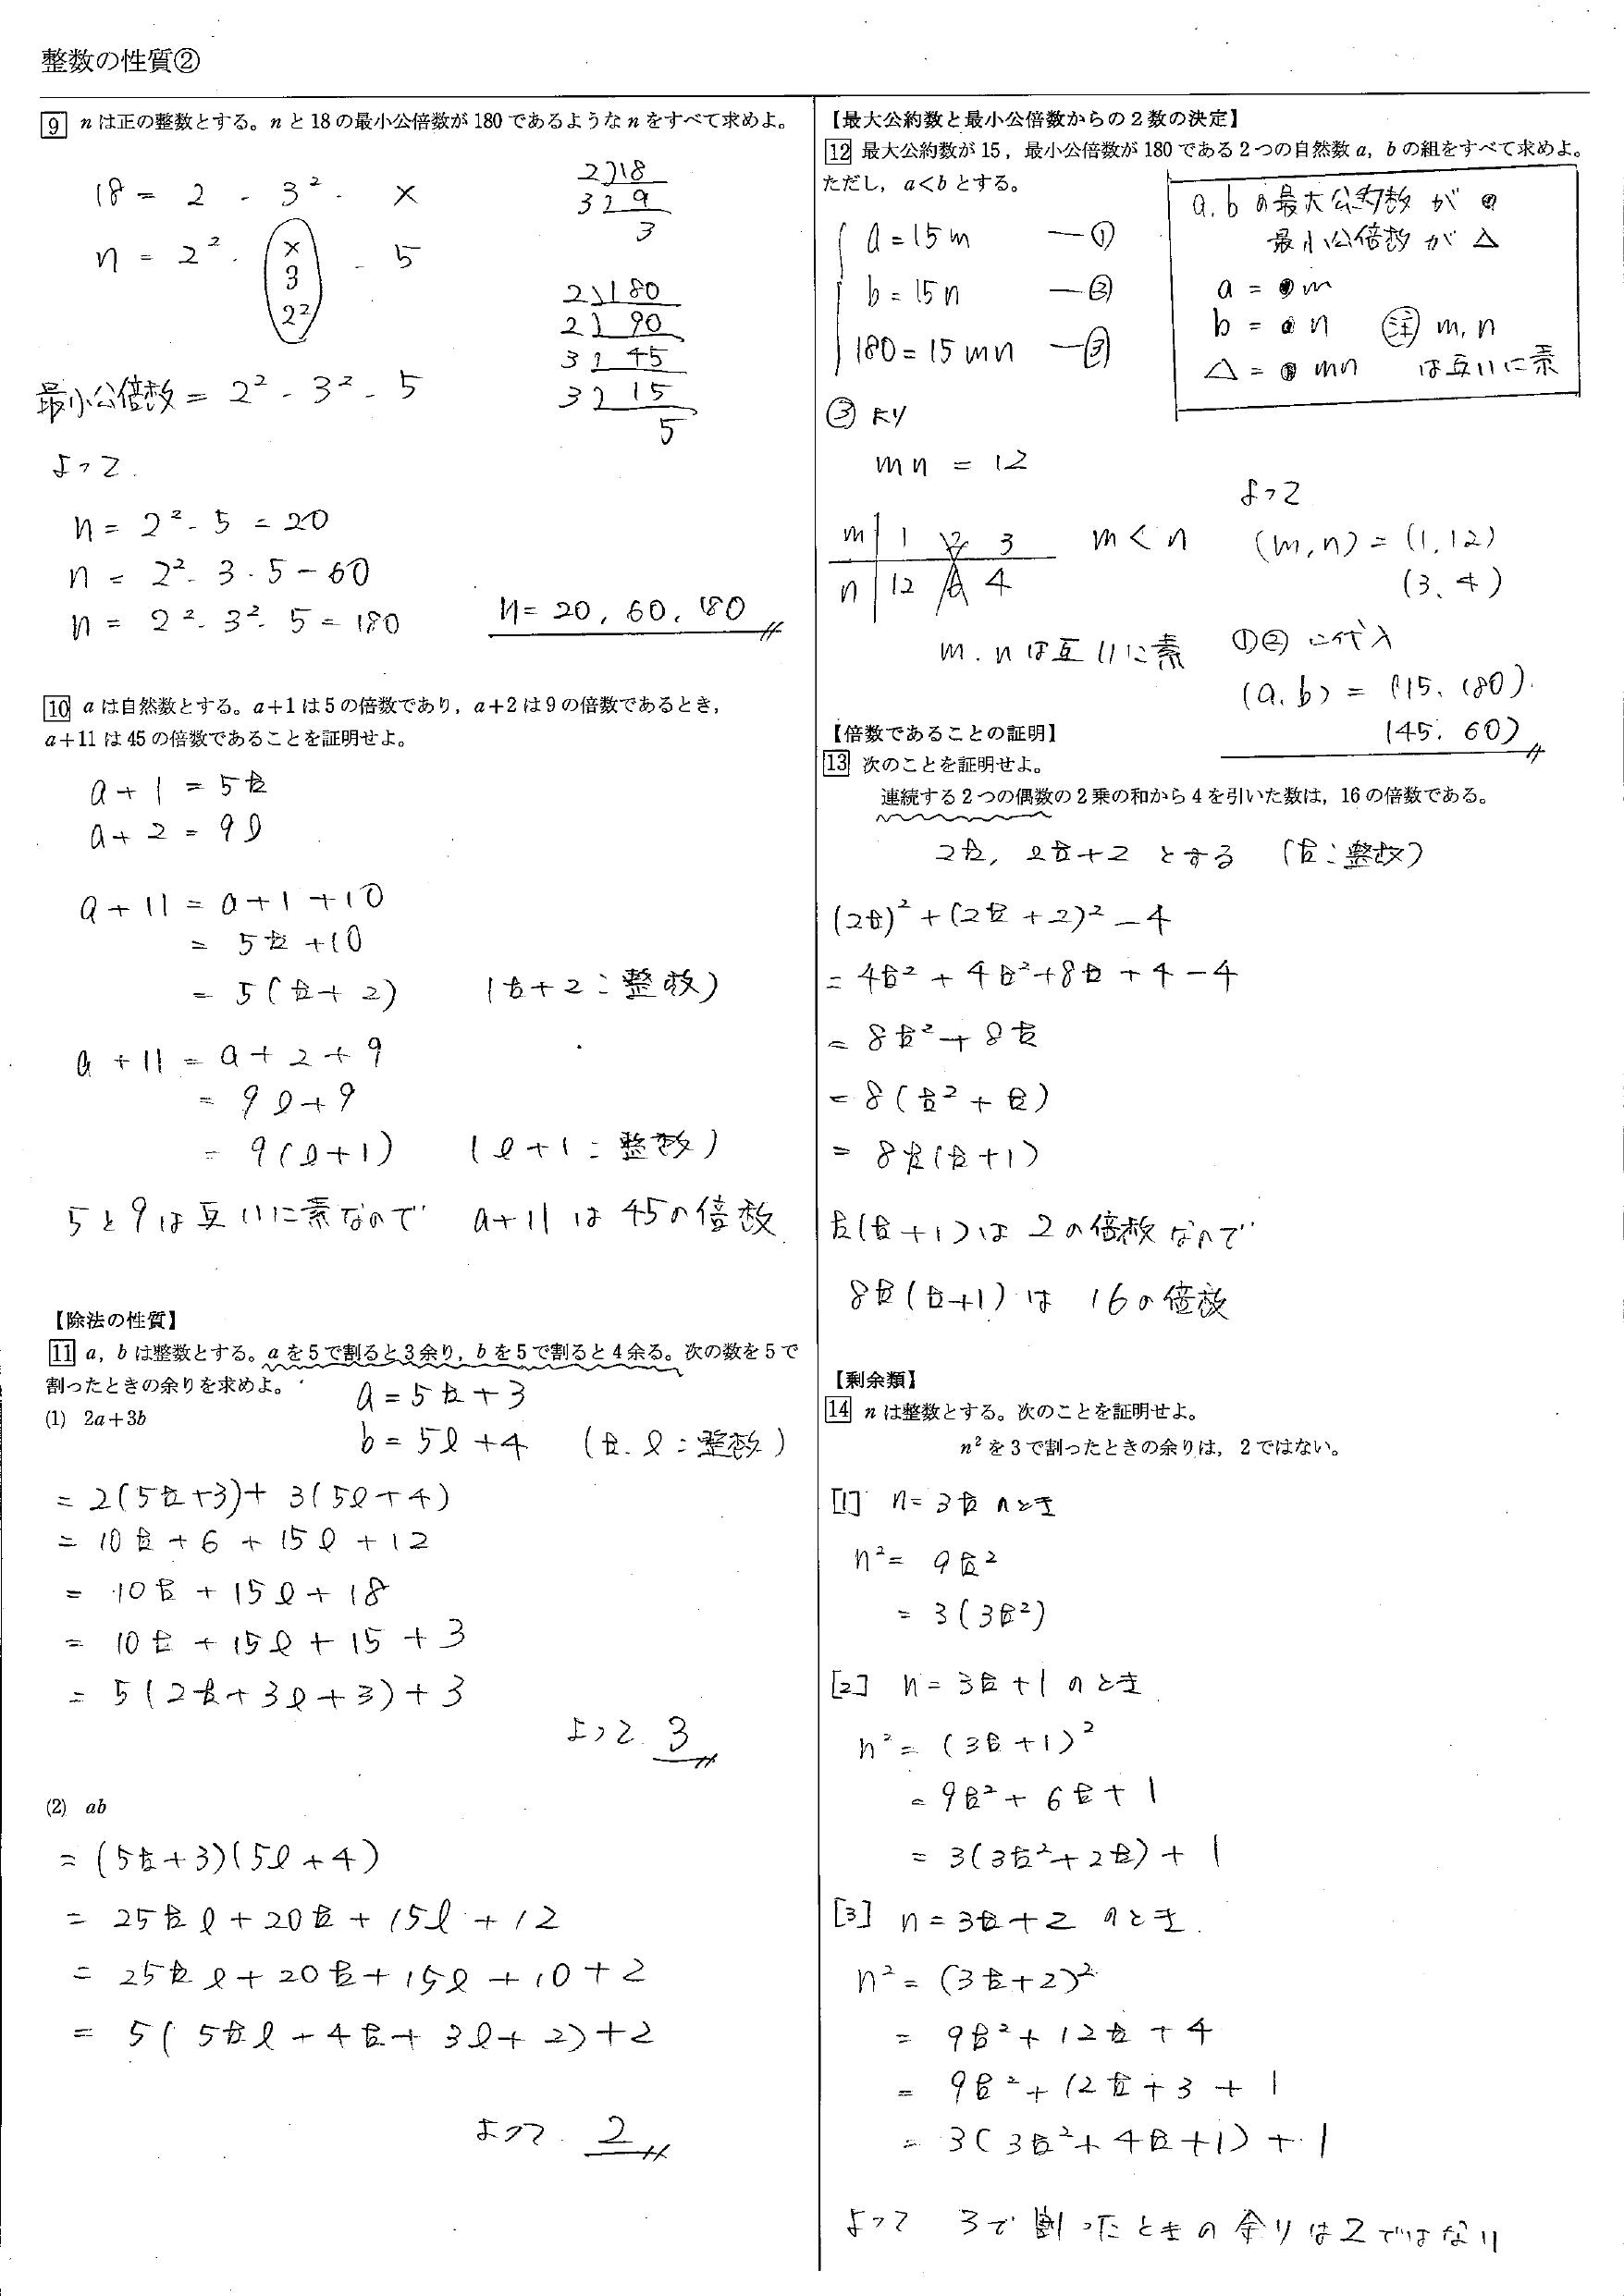 整数の性質 教科書 まとめ 一覧 問題 解答